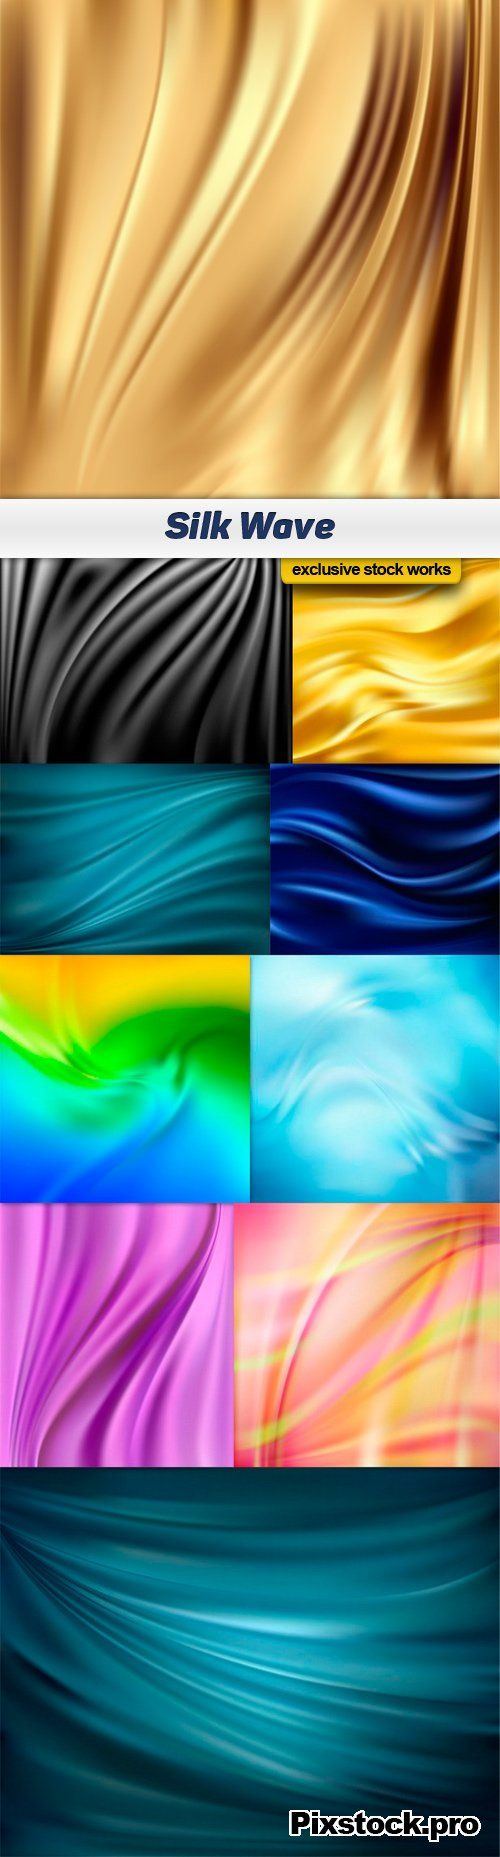 Silk Wave – 10 EPS